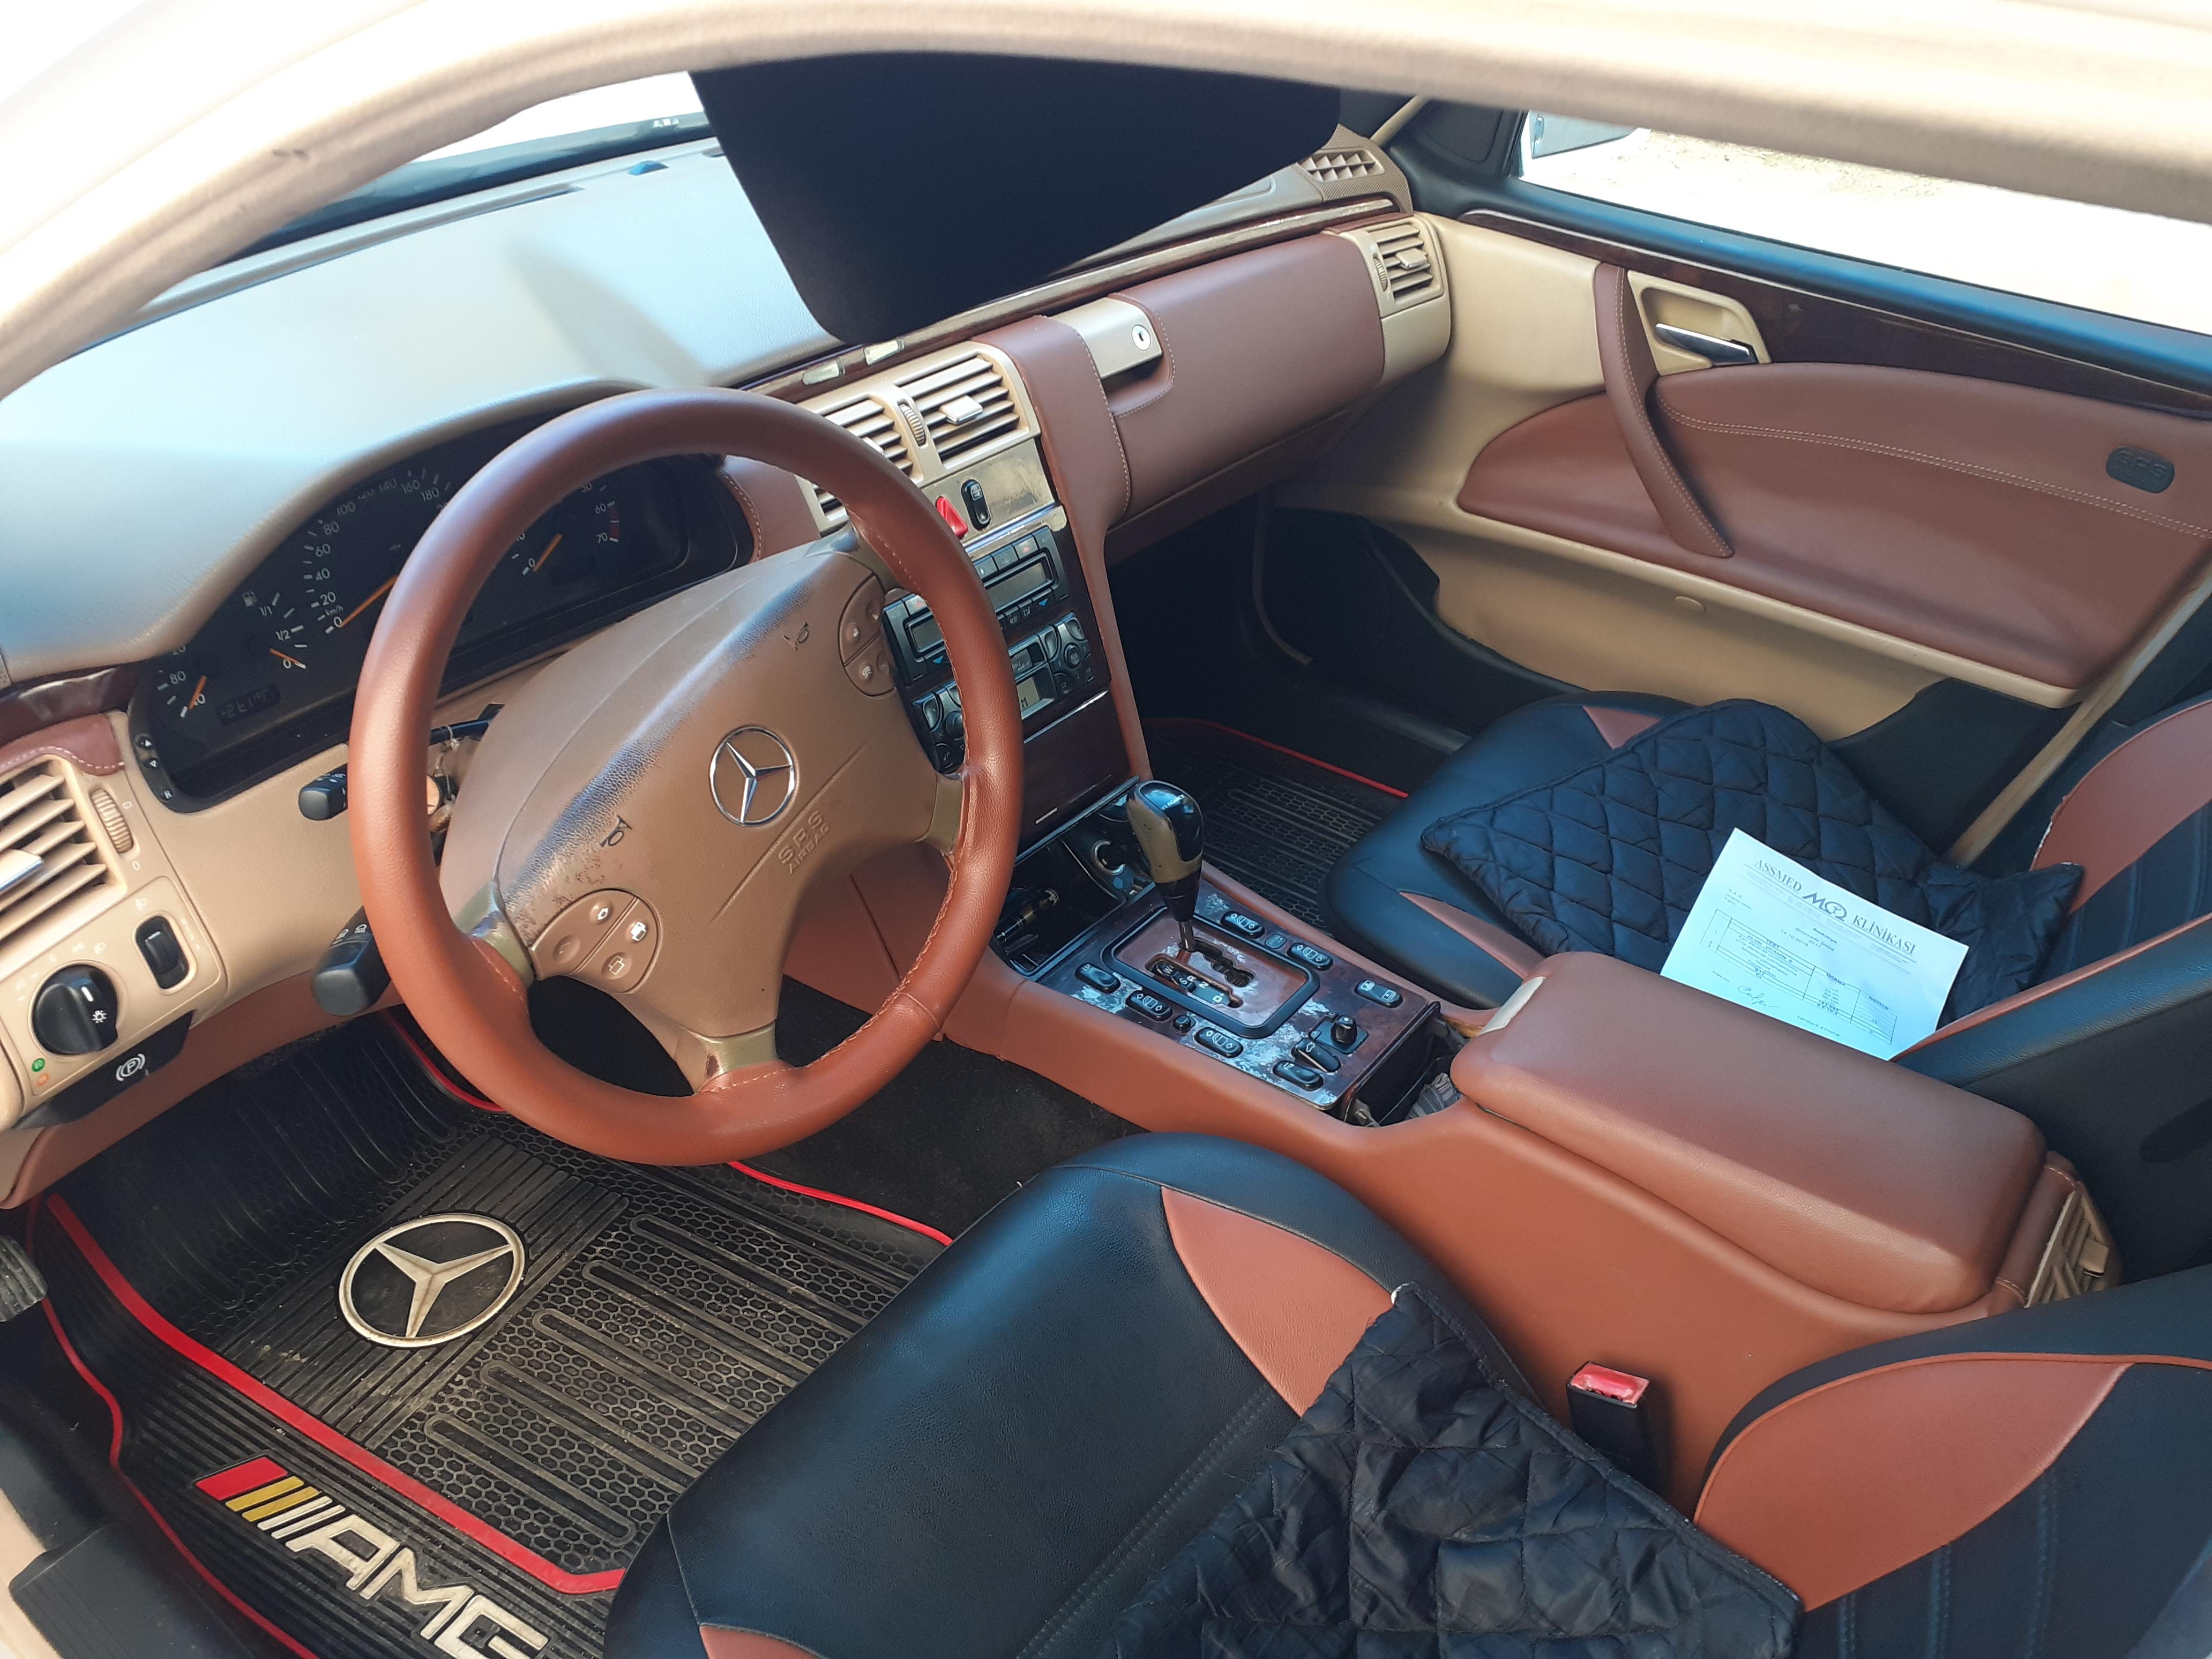 Mercedes-Benz E 240 2.6(lt) 2001 Second hand  $9500